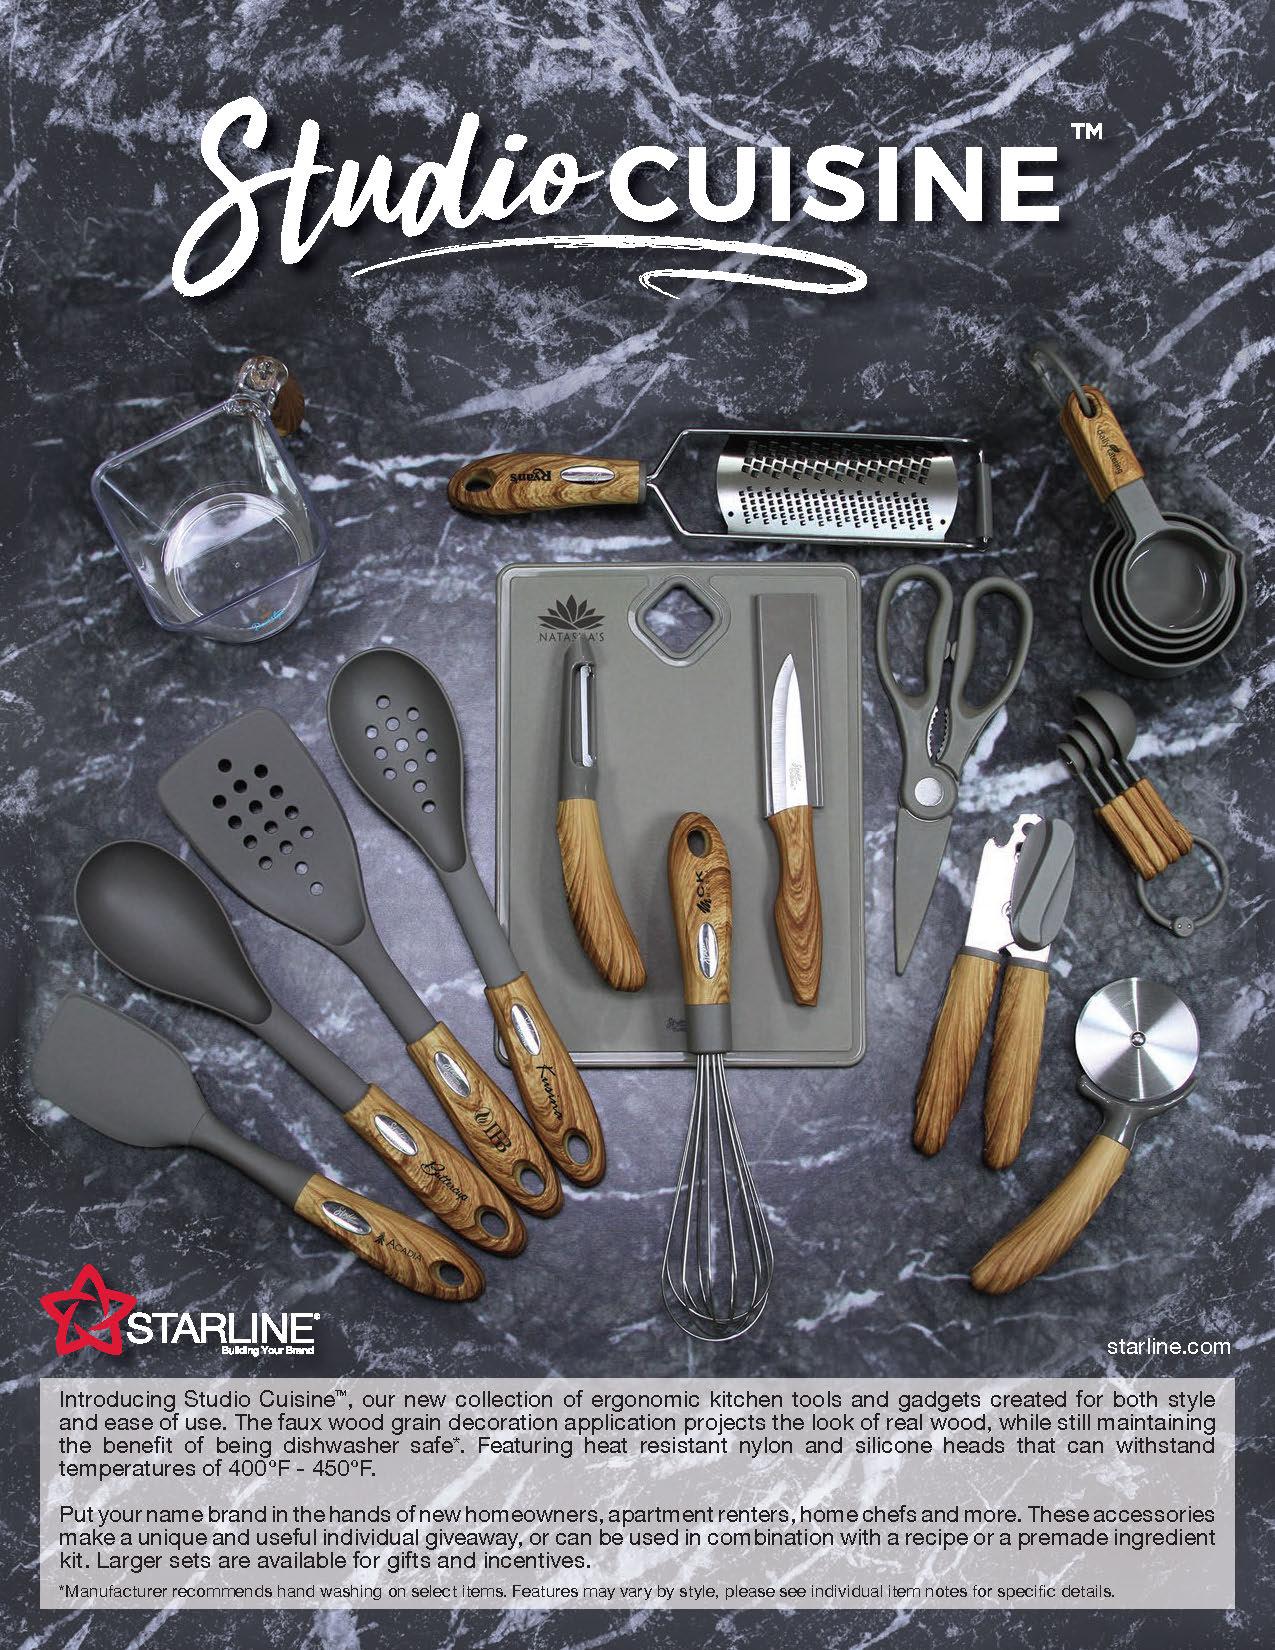 Studio Cuisine